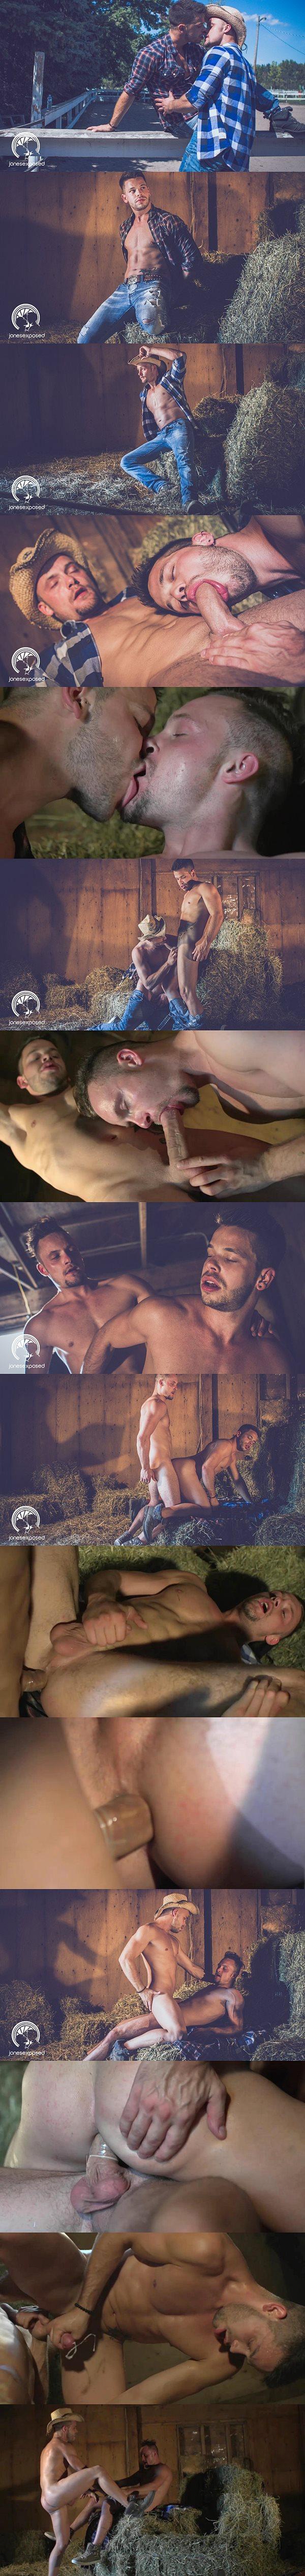 Fazendo sexo gay com o cowboy 1